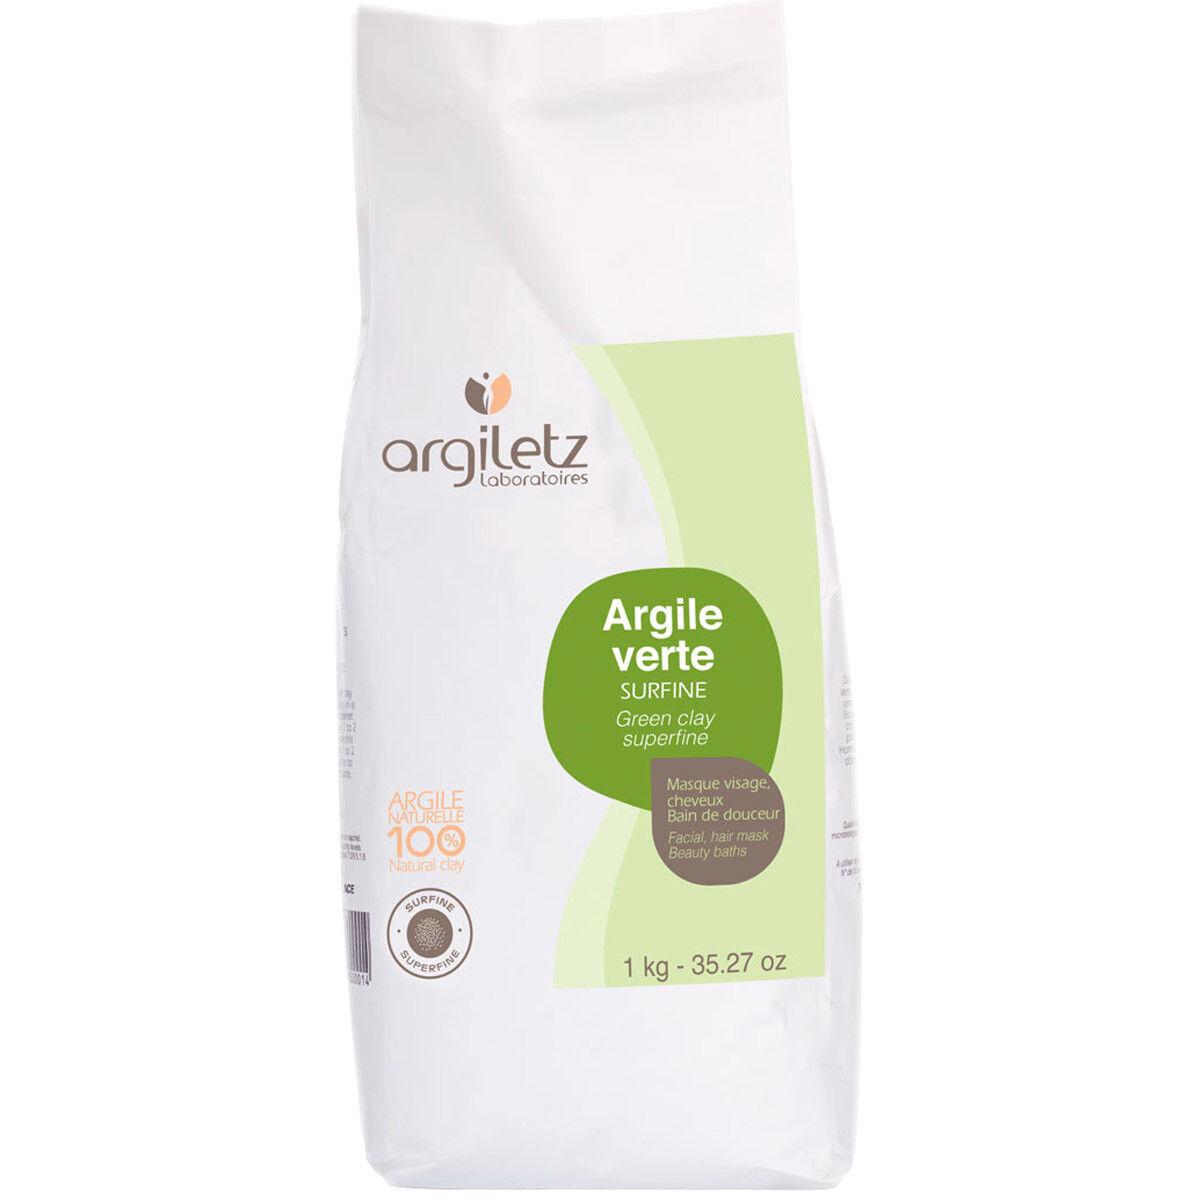 Argiletz argile verte toutes applications 1 k poudre